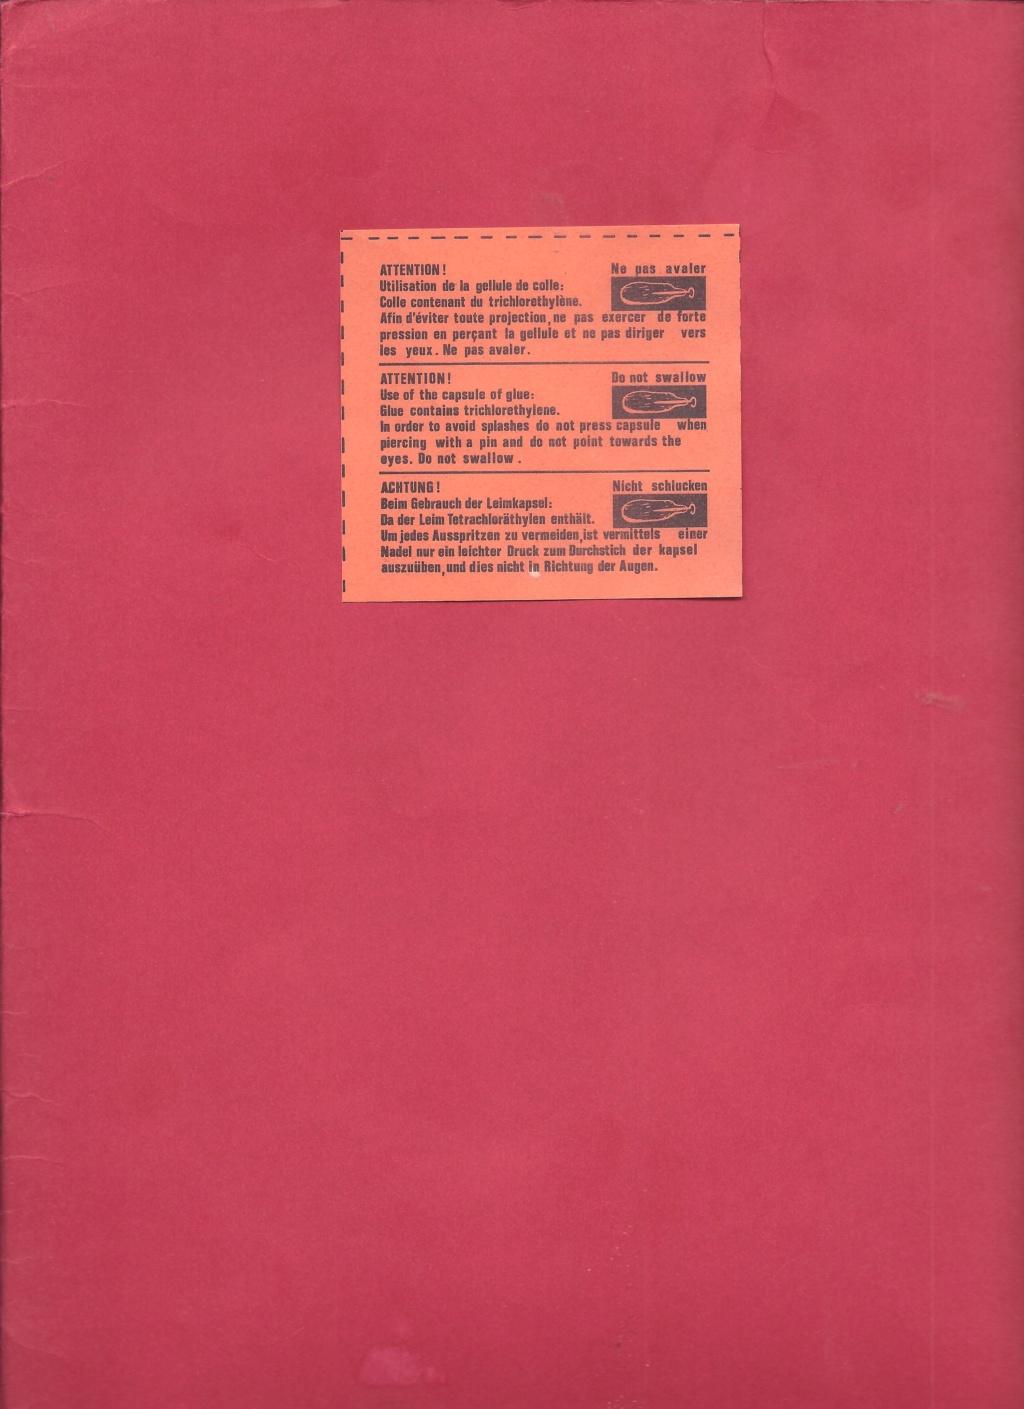 SEPECAT JAGUAR M 1/50ème Réf 522 Notice Helle827